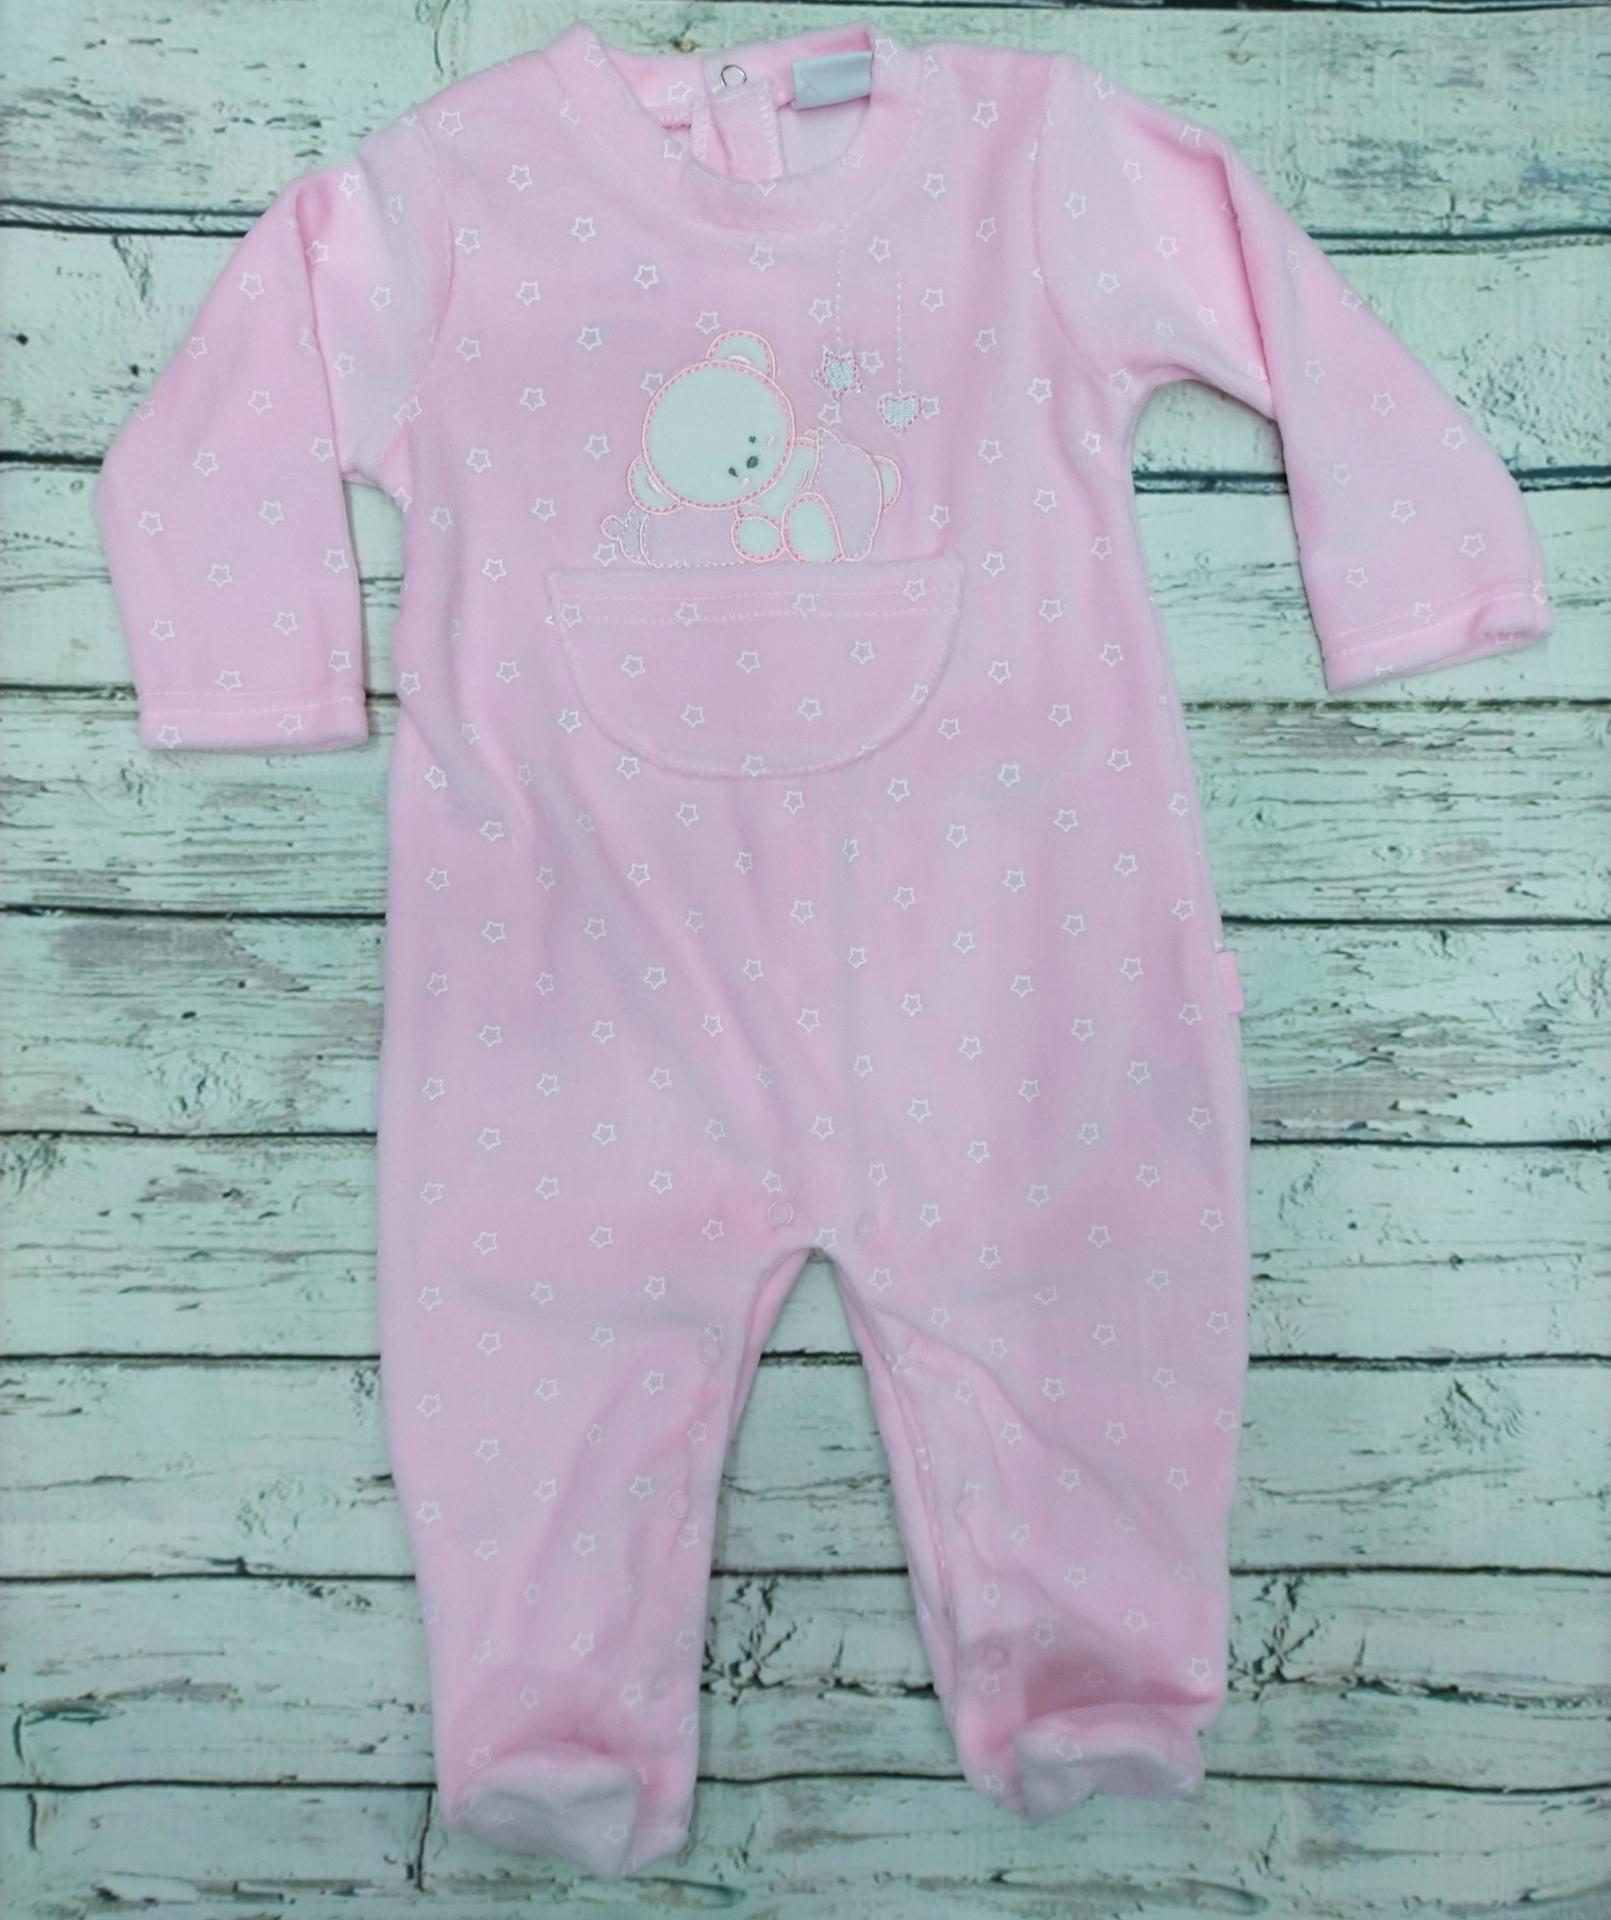 Pijama bebé rosa Oso con estrellas de Yatsi.